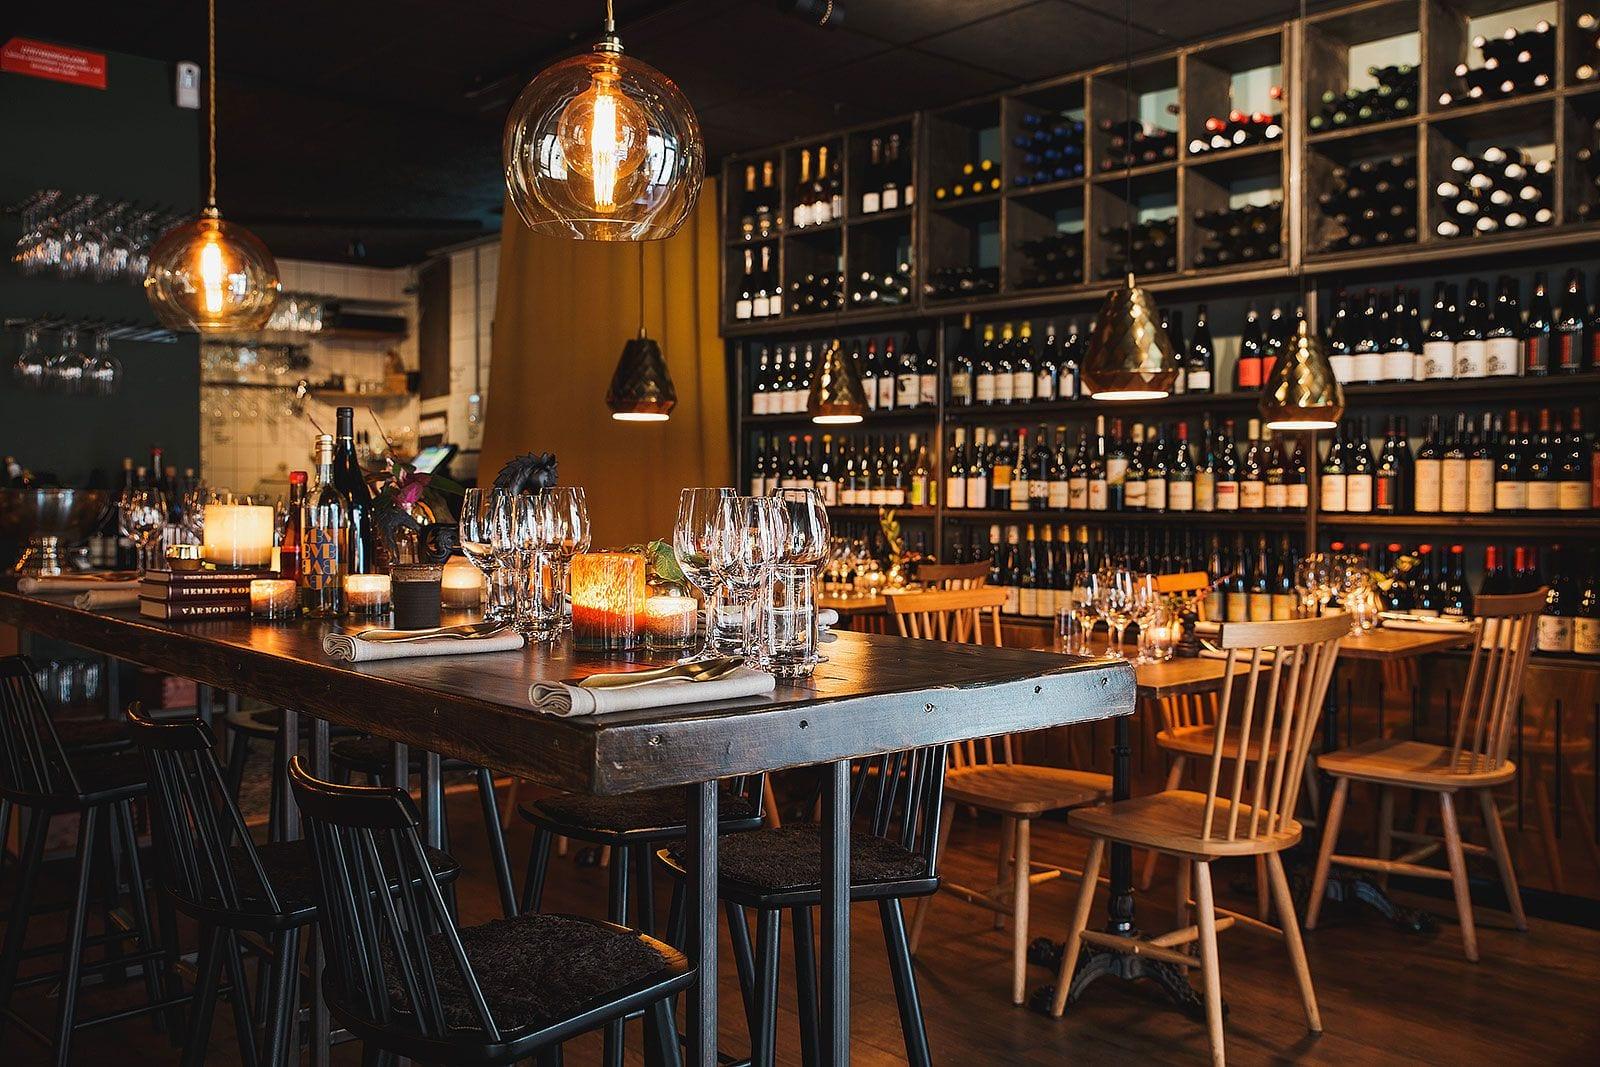 Bästa restaurangerna i göteborg